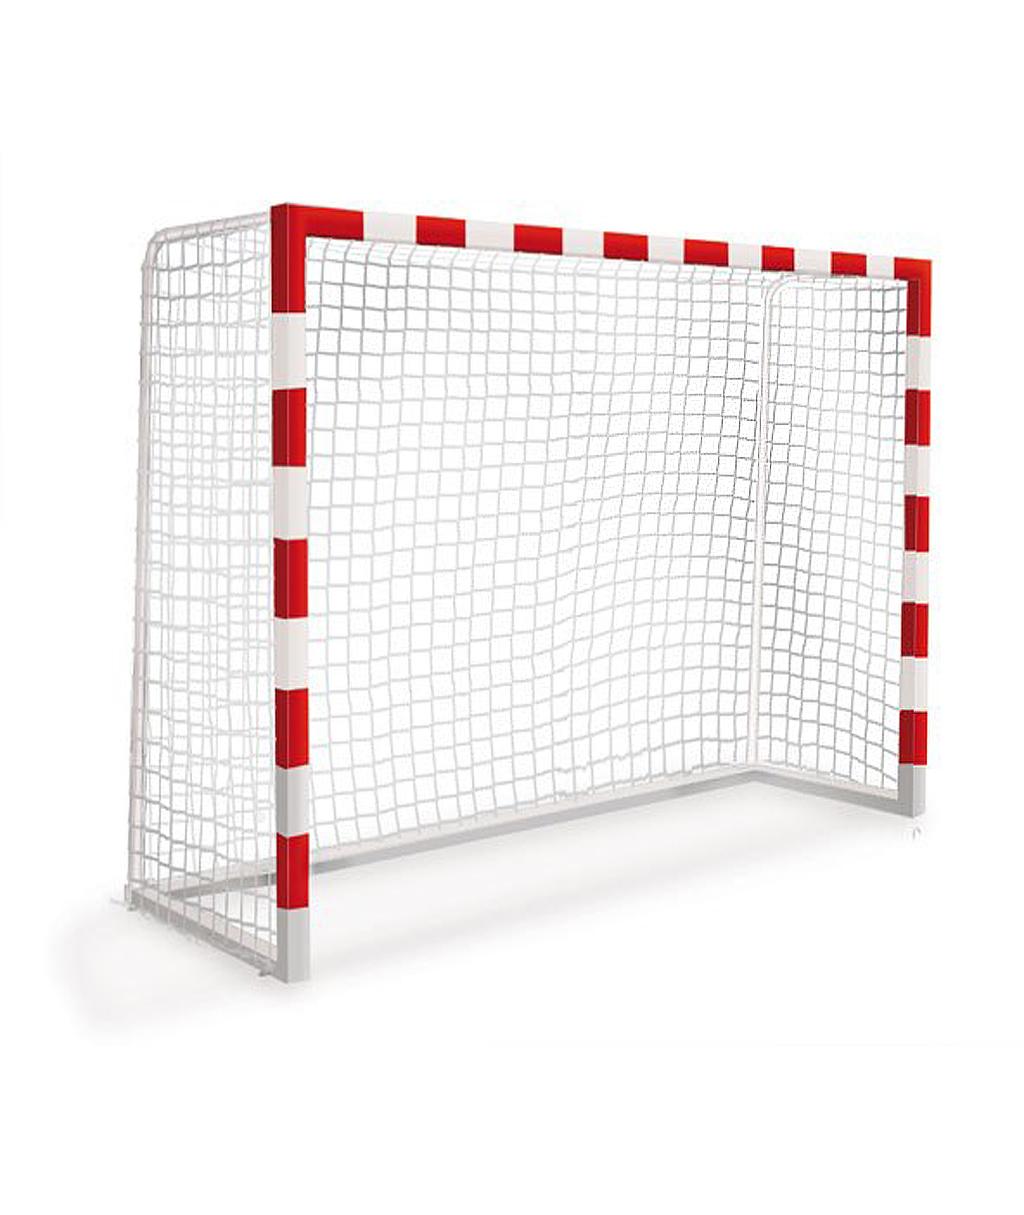 Сетка для мини-футбола / гандбола. Размер 2 х 3 х 1 м. Купить в Новосибирске с доставкой